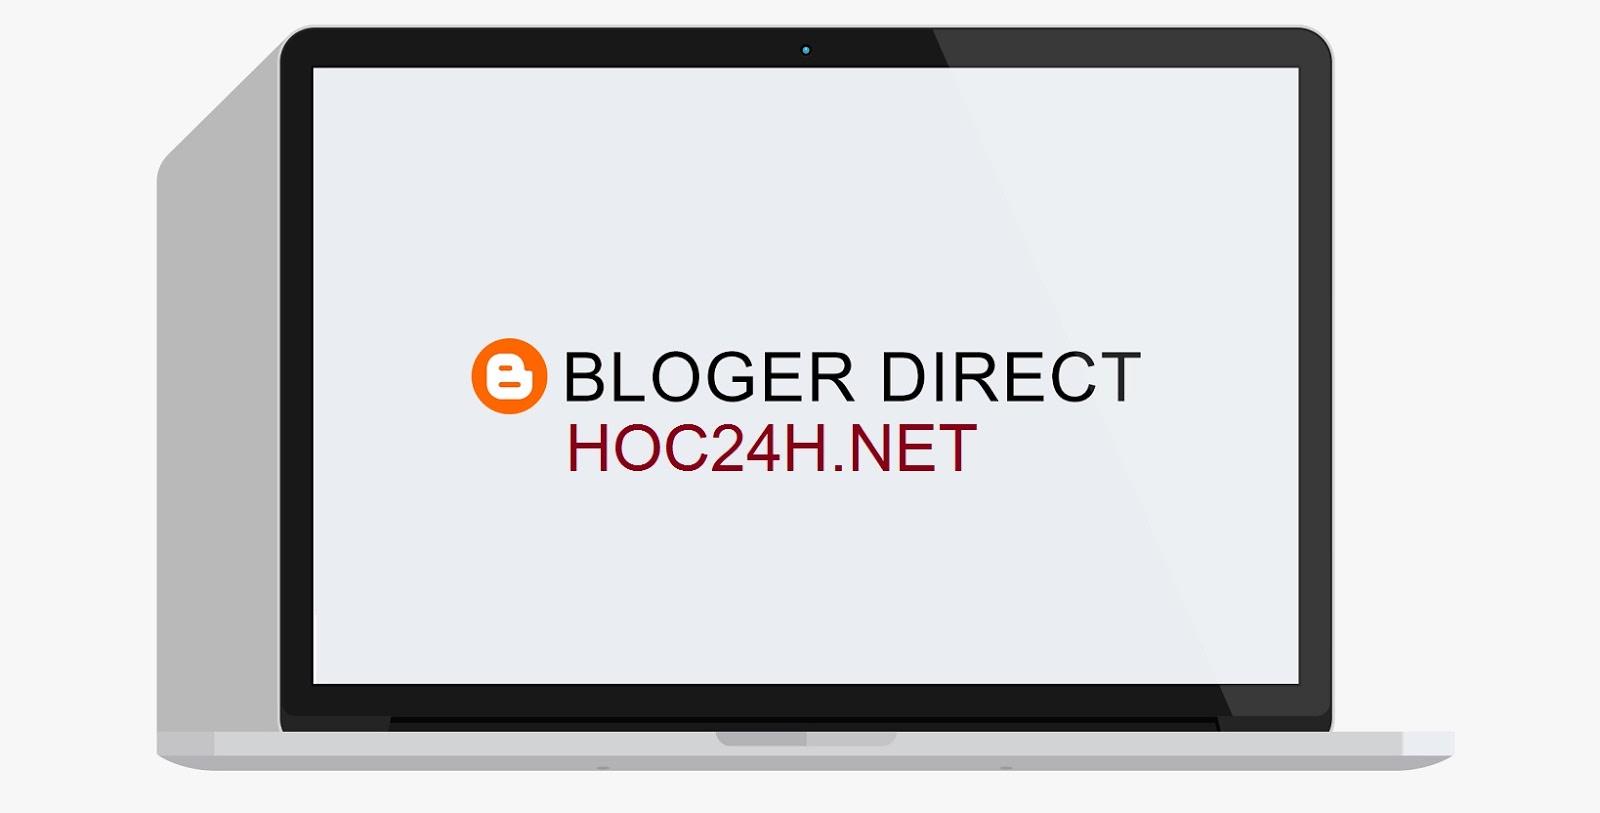 Tạo Website miễn phí bằng Blogspot và SEO hiệu quả